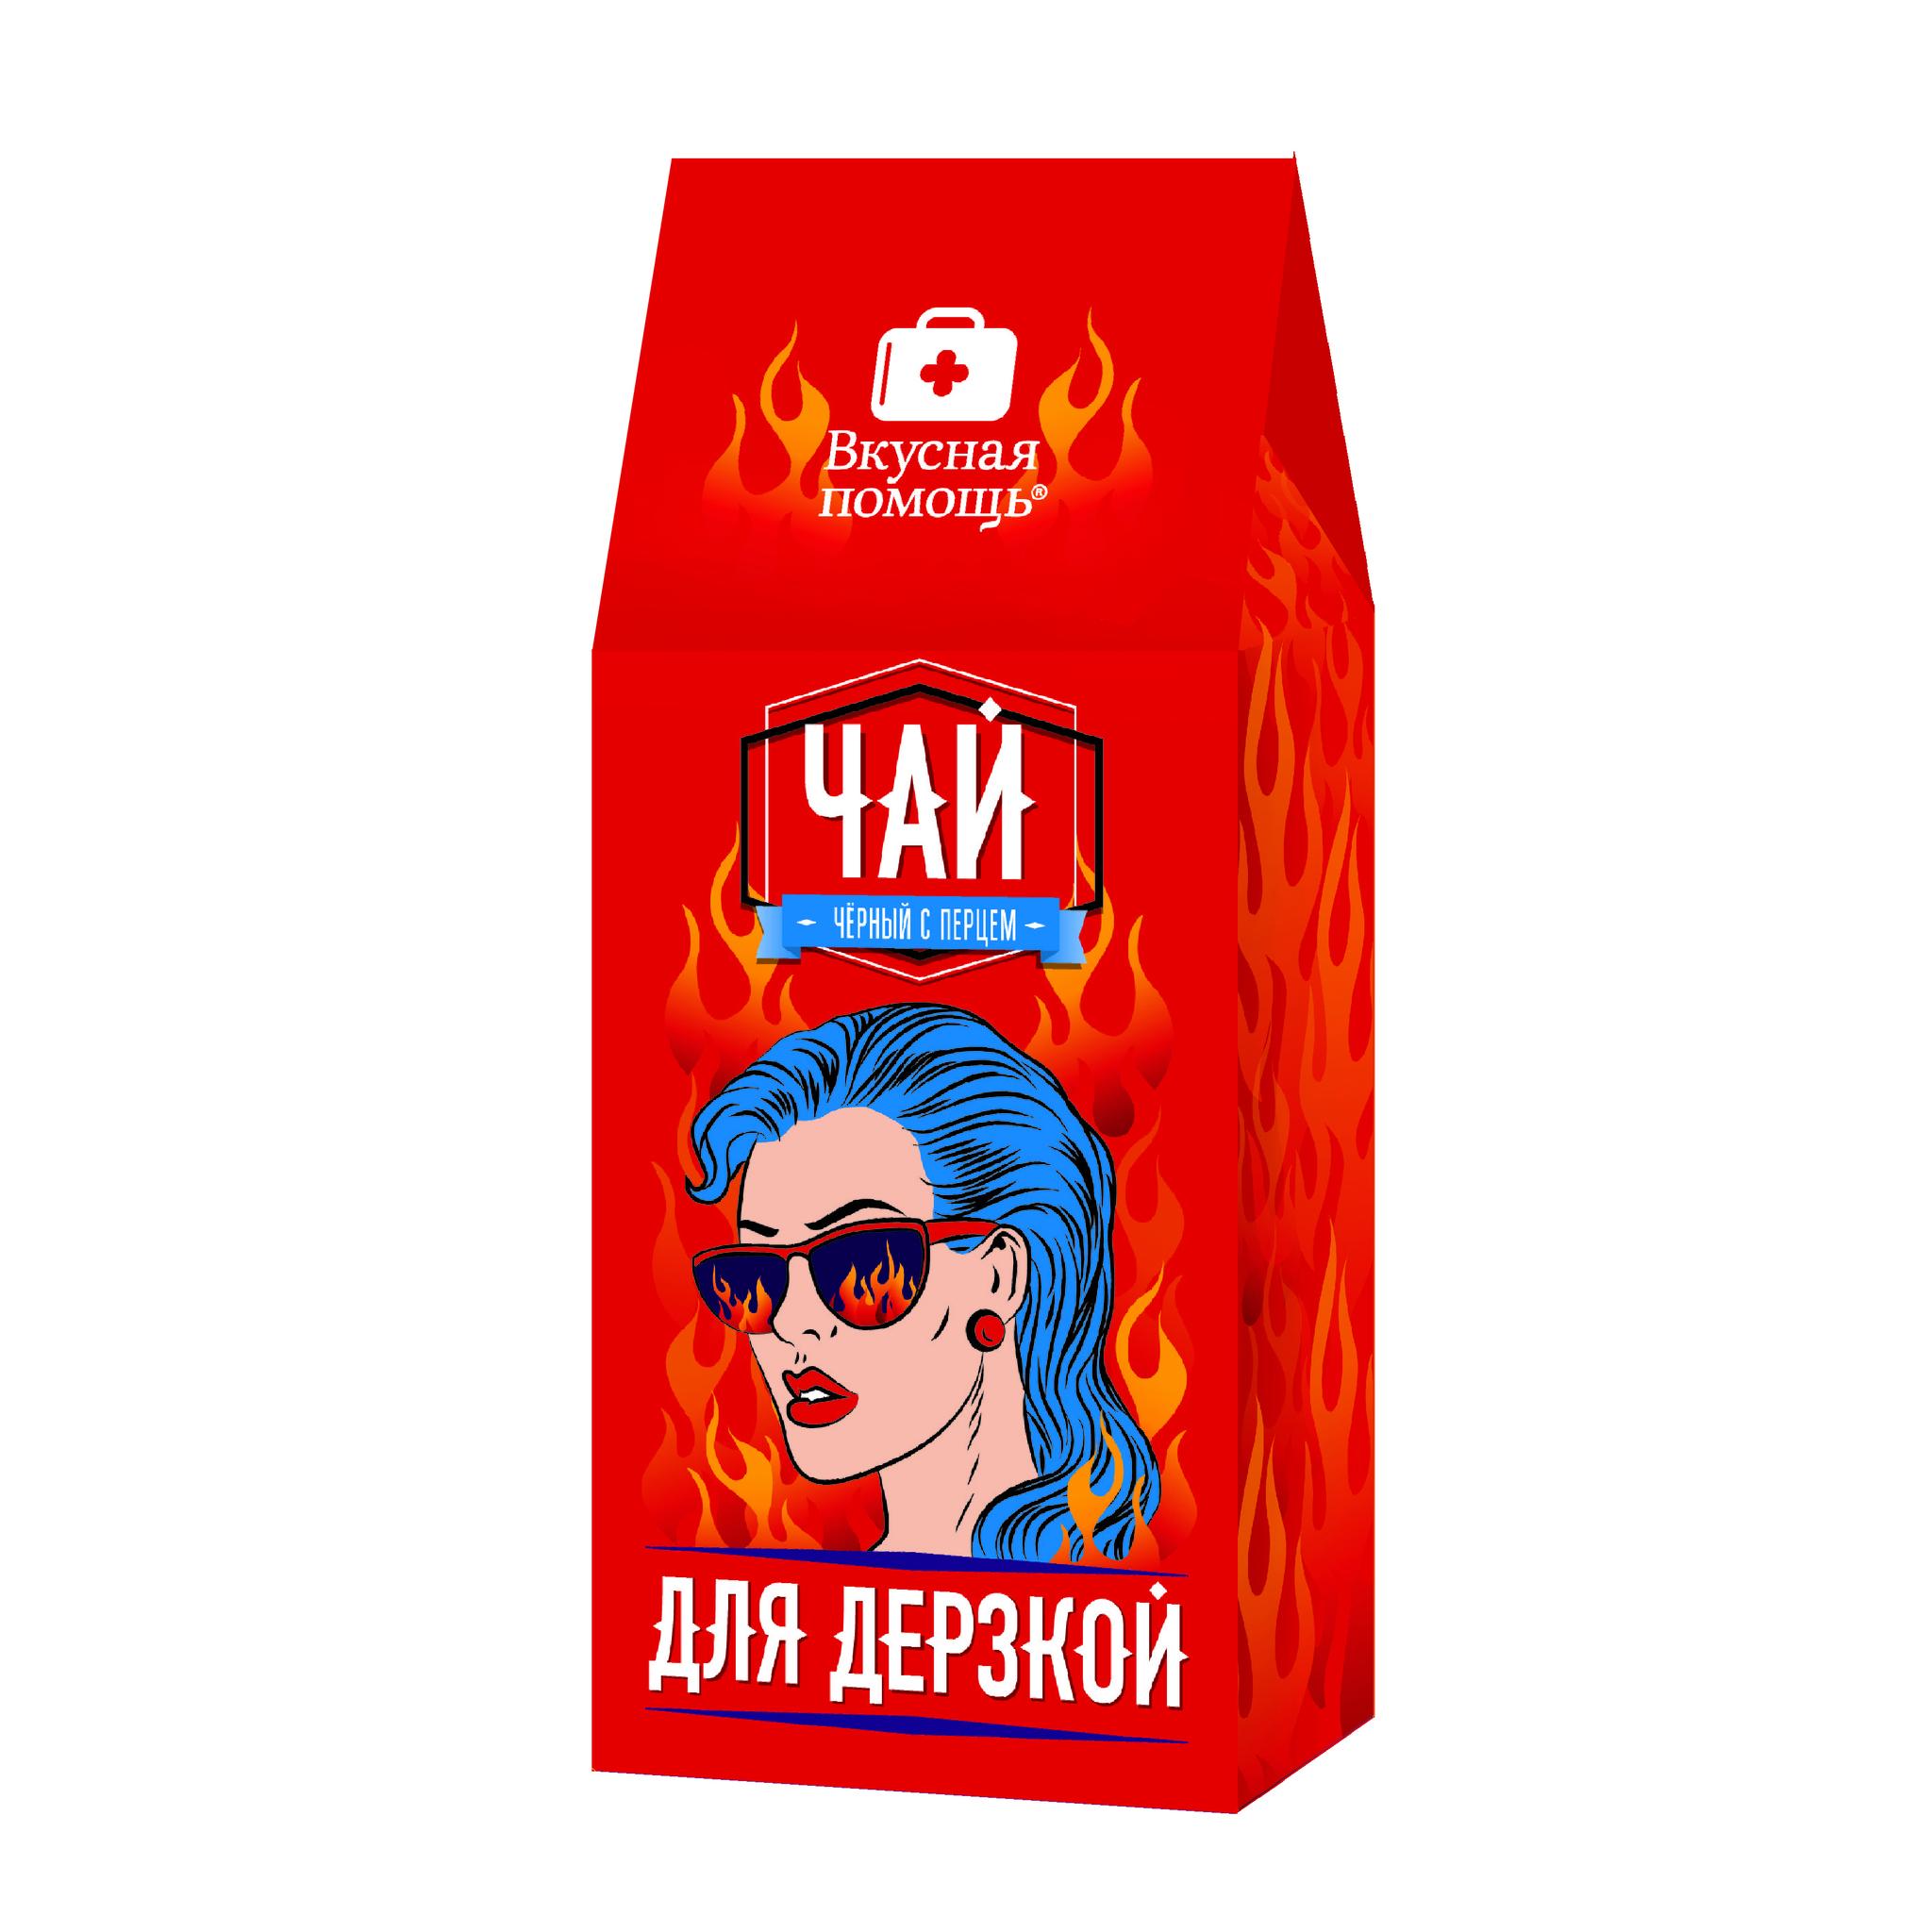 Чай «Для дерзкой» 50 грЧай<br>Кому подарить: настоящей женщине, оторве<br>Упаковка и дизайн: коробка из экологичного картона<br>Что внутри: Чай черный с перцем и гвоздикой.<br>Вес: 50 гр.<br>